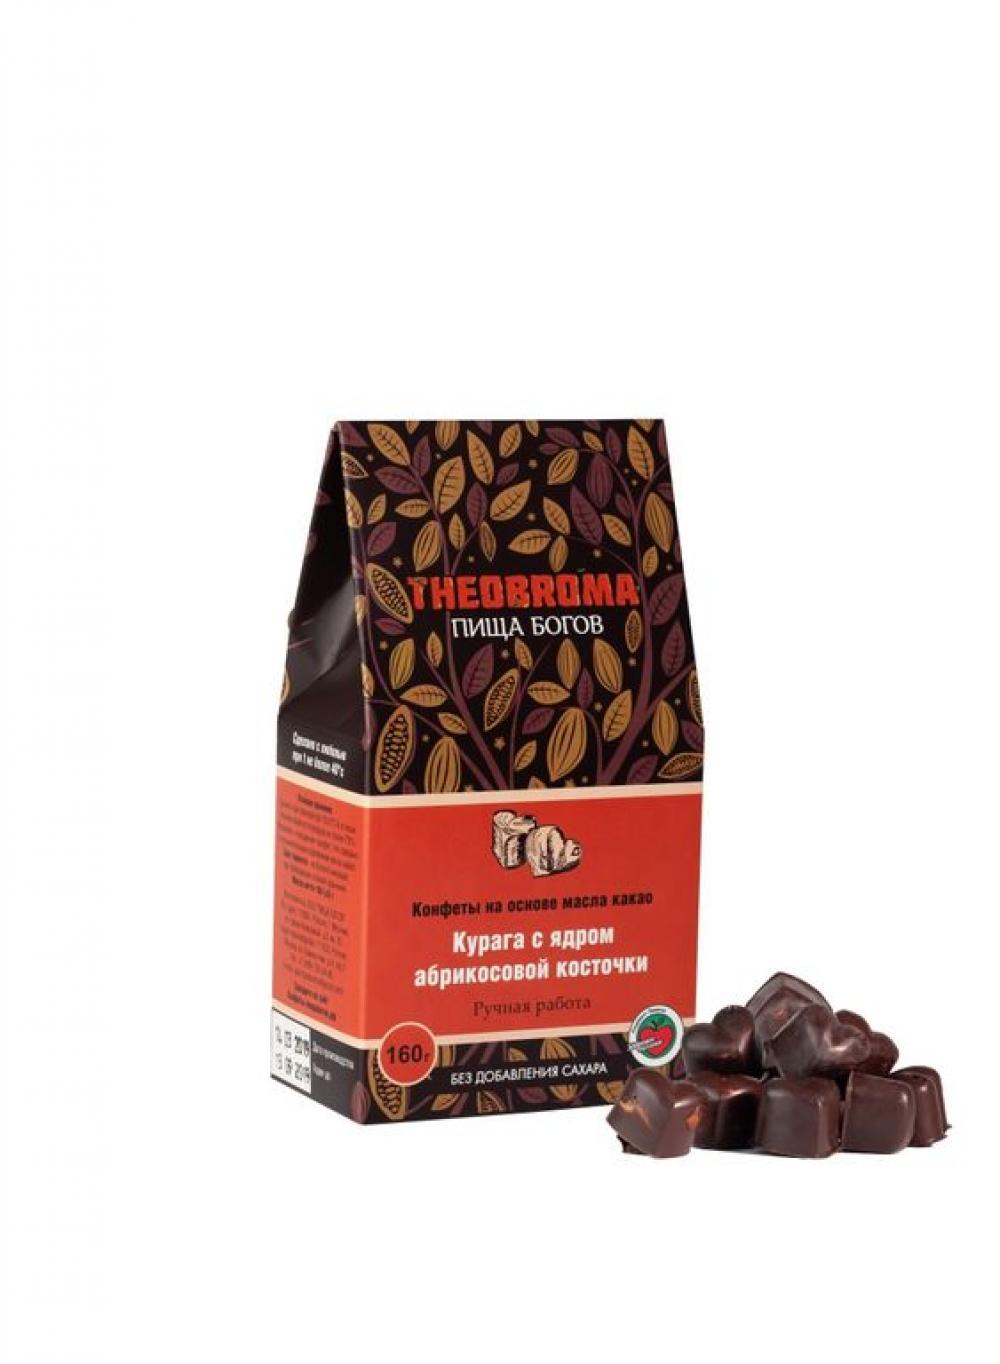 """Конфеты без сахара """"Курага в шоколаде"""" THEOBROMA, 160гр."""